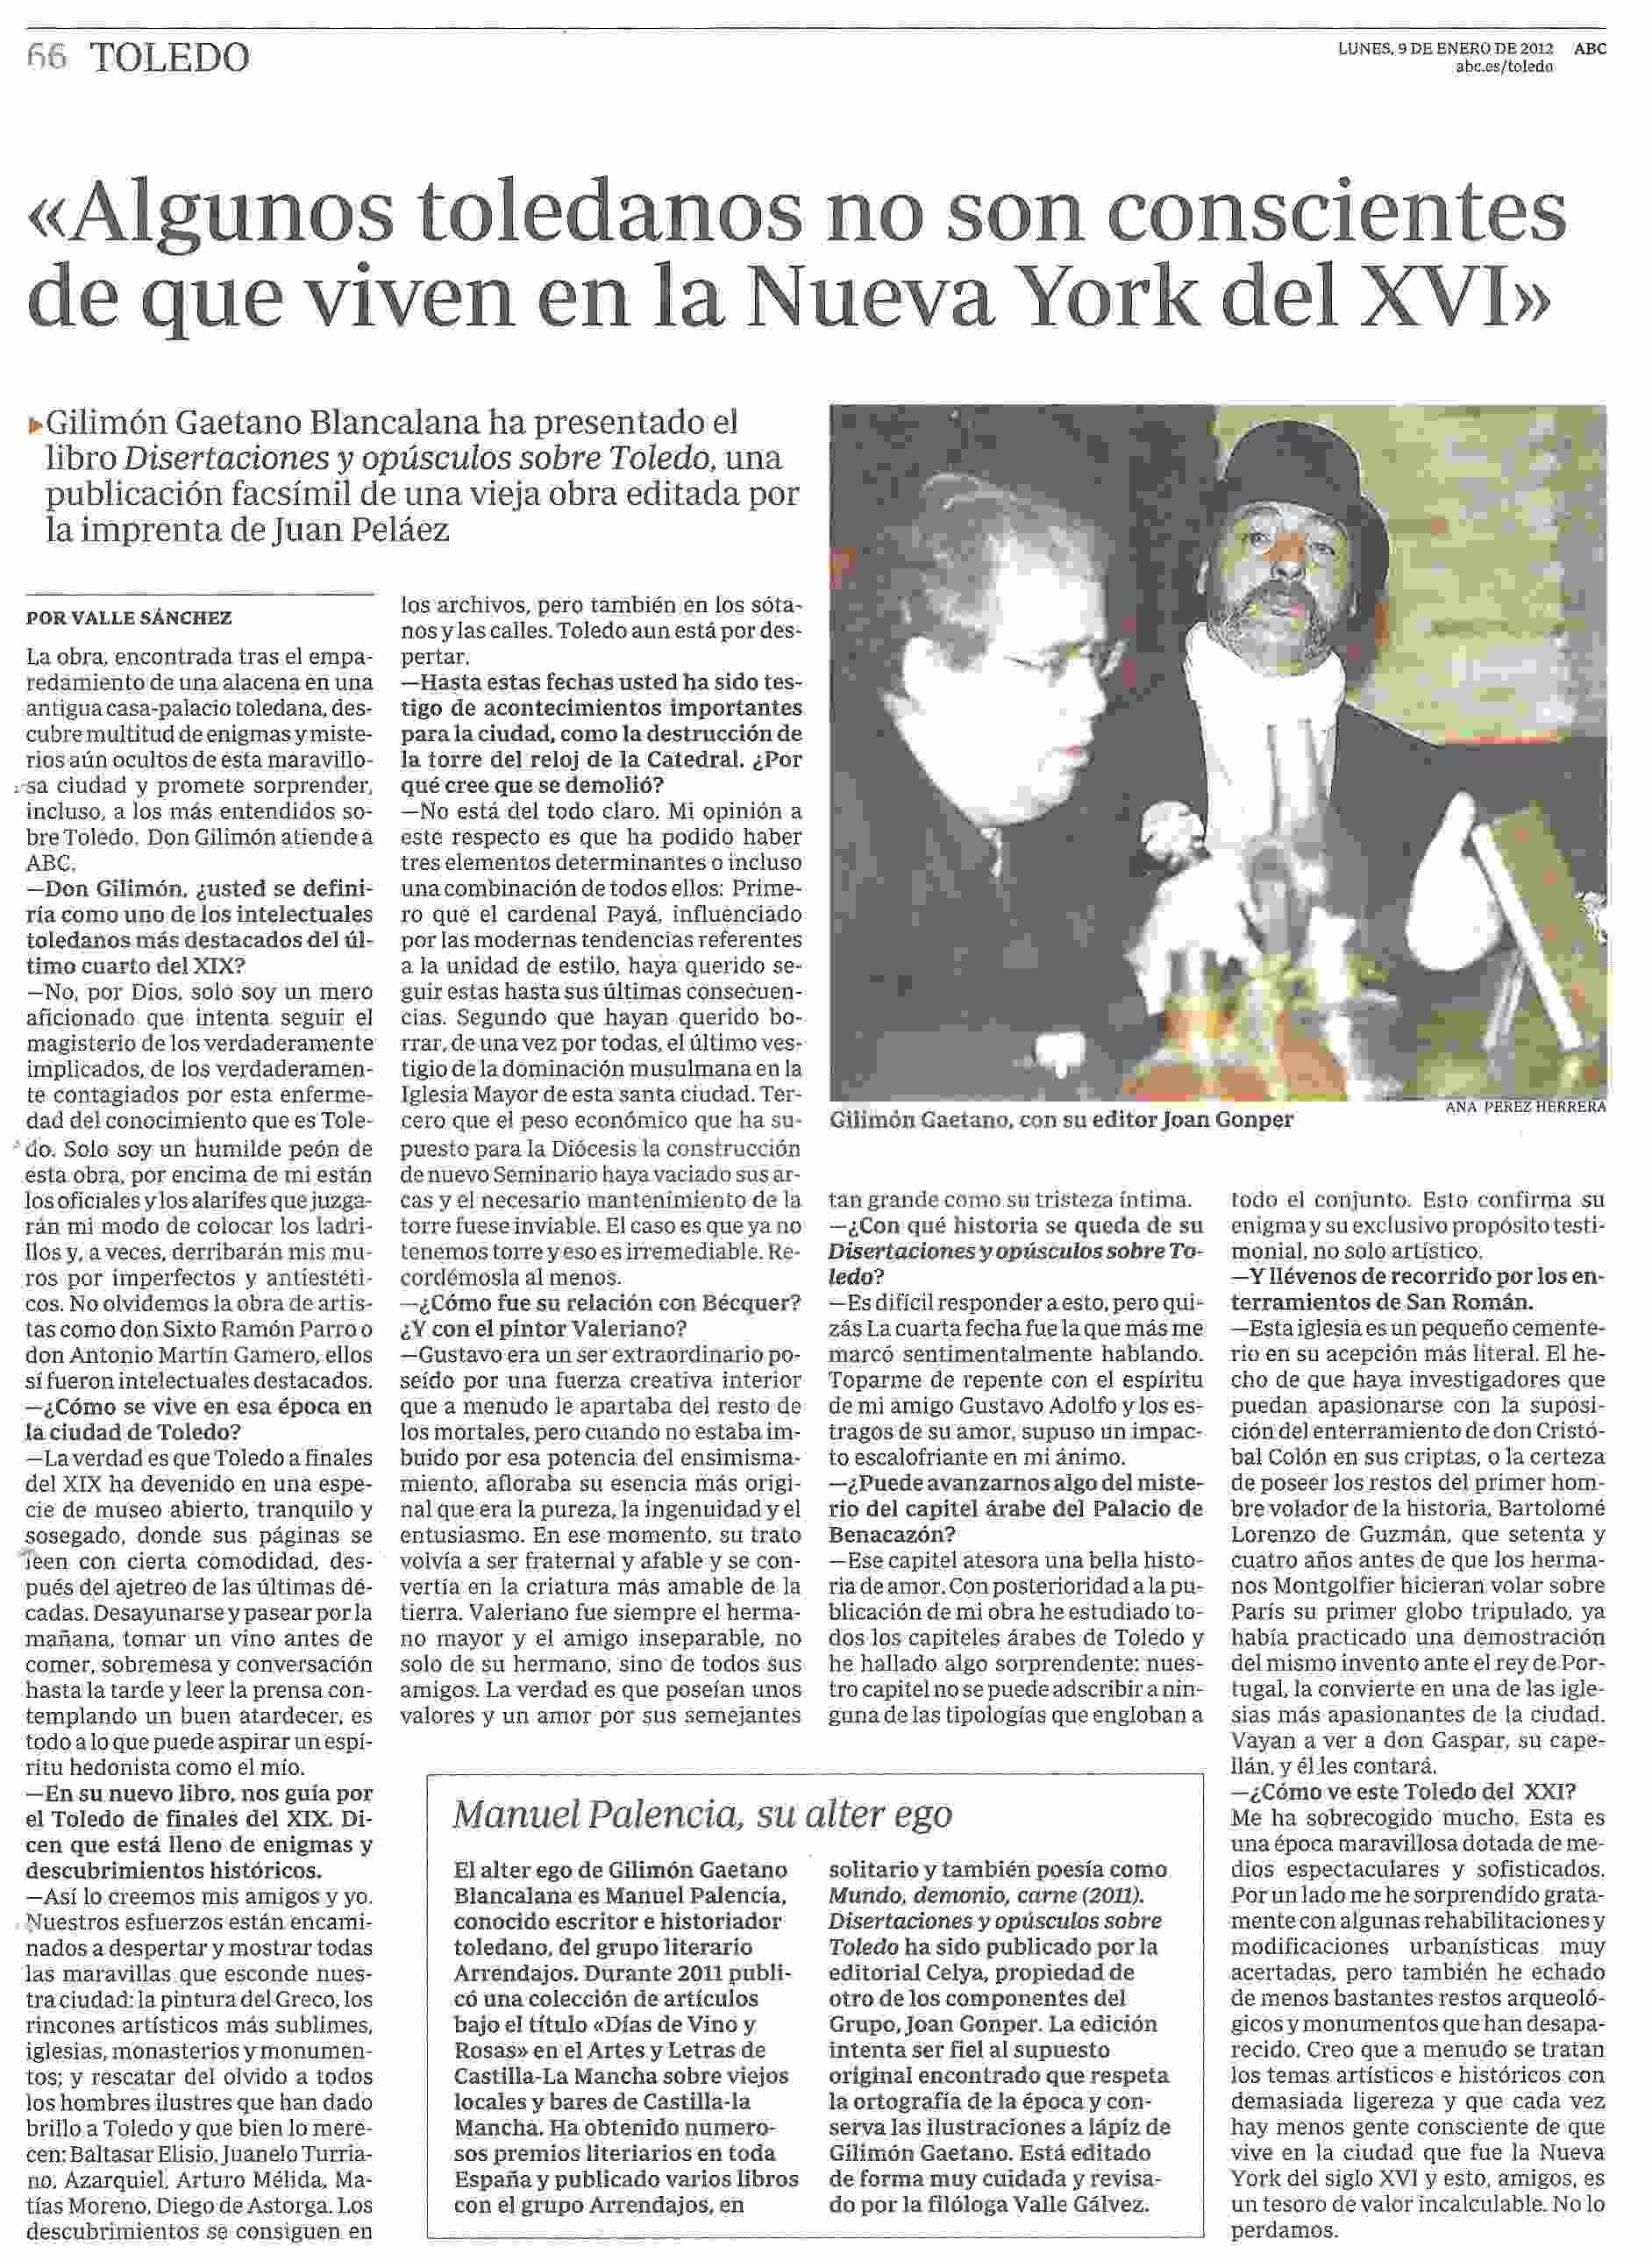 ABC: Sobre Gilimón Gaetano Blancalana.